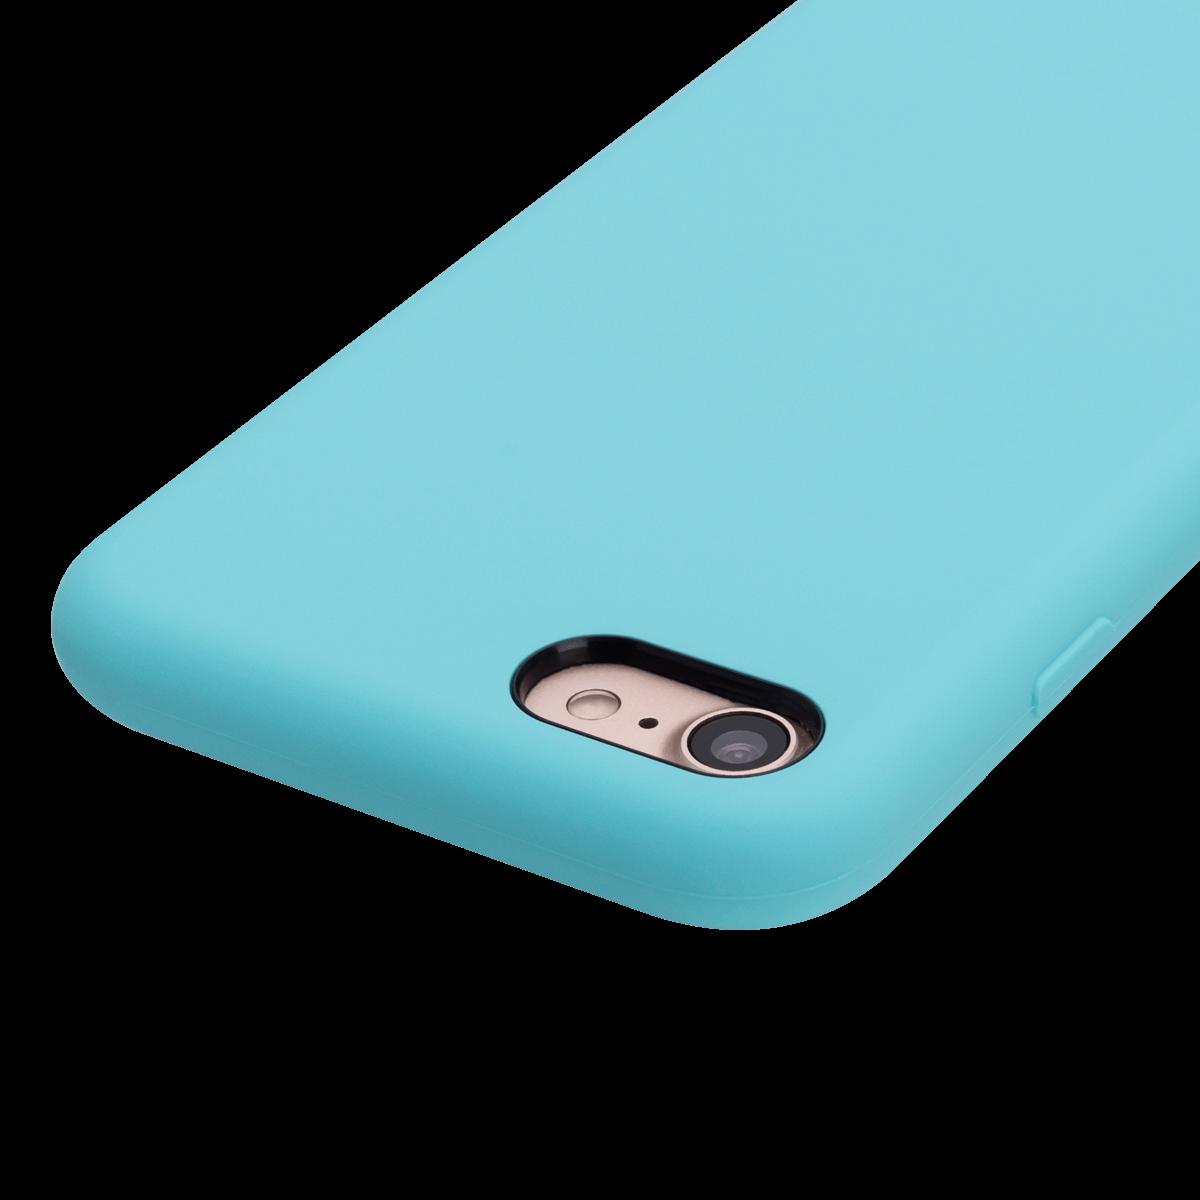 iPhone 7/8 için spada Manyetik Liquid Silikon Yeşil renkli kapak